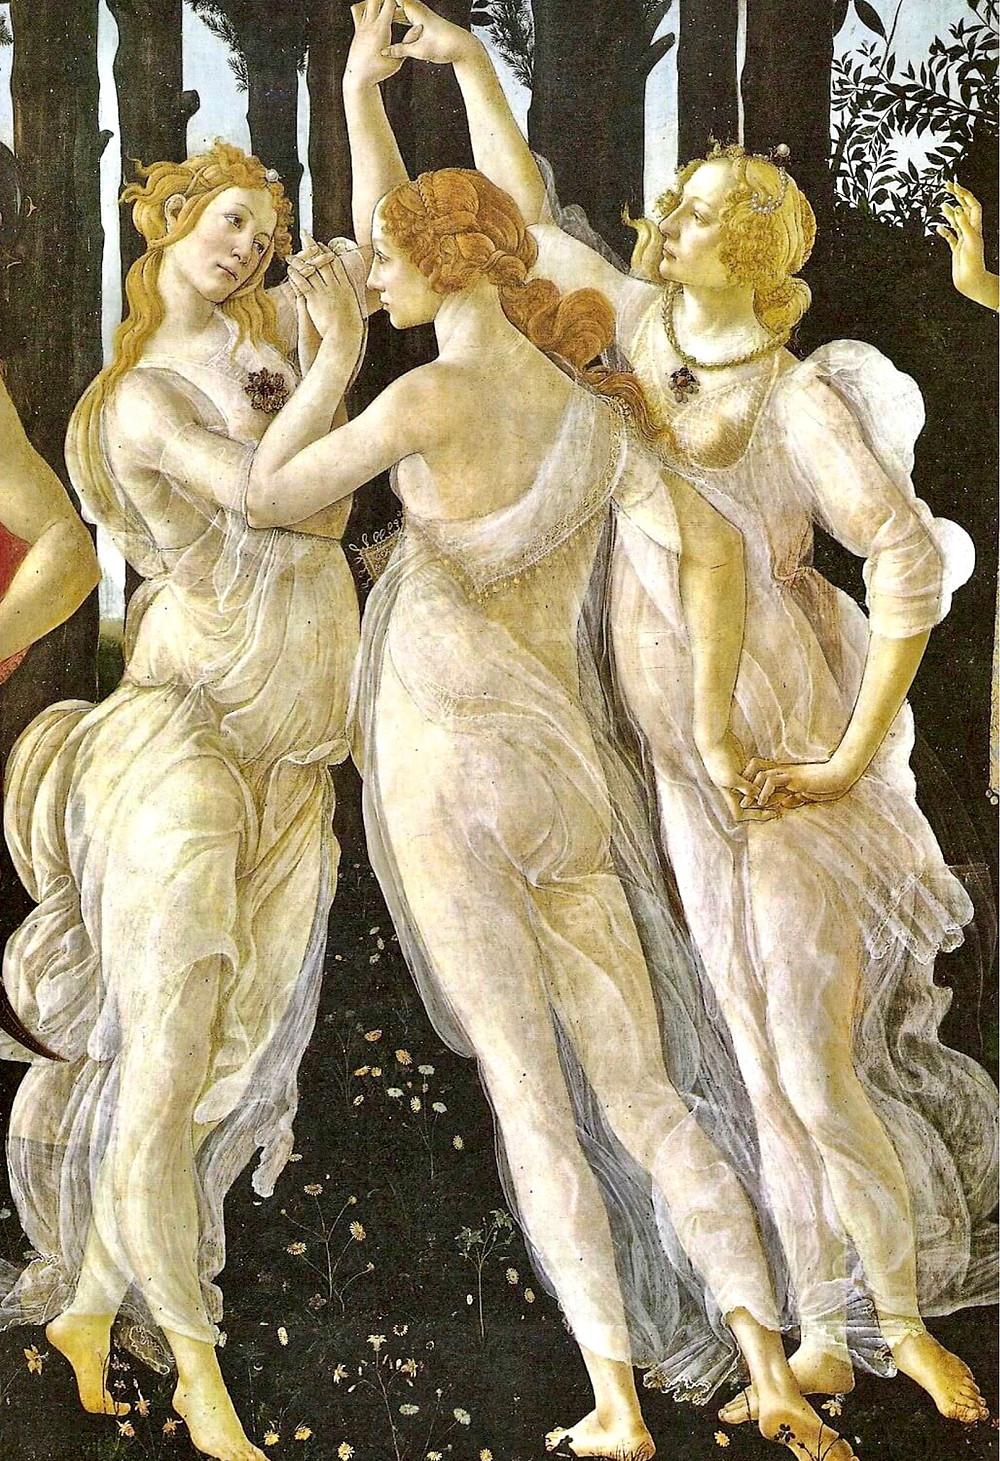 Botticelli's The Three Graces in his painting Primavera